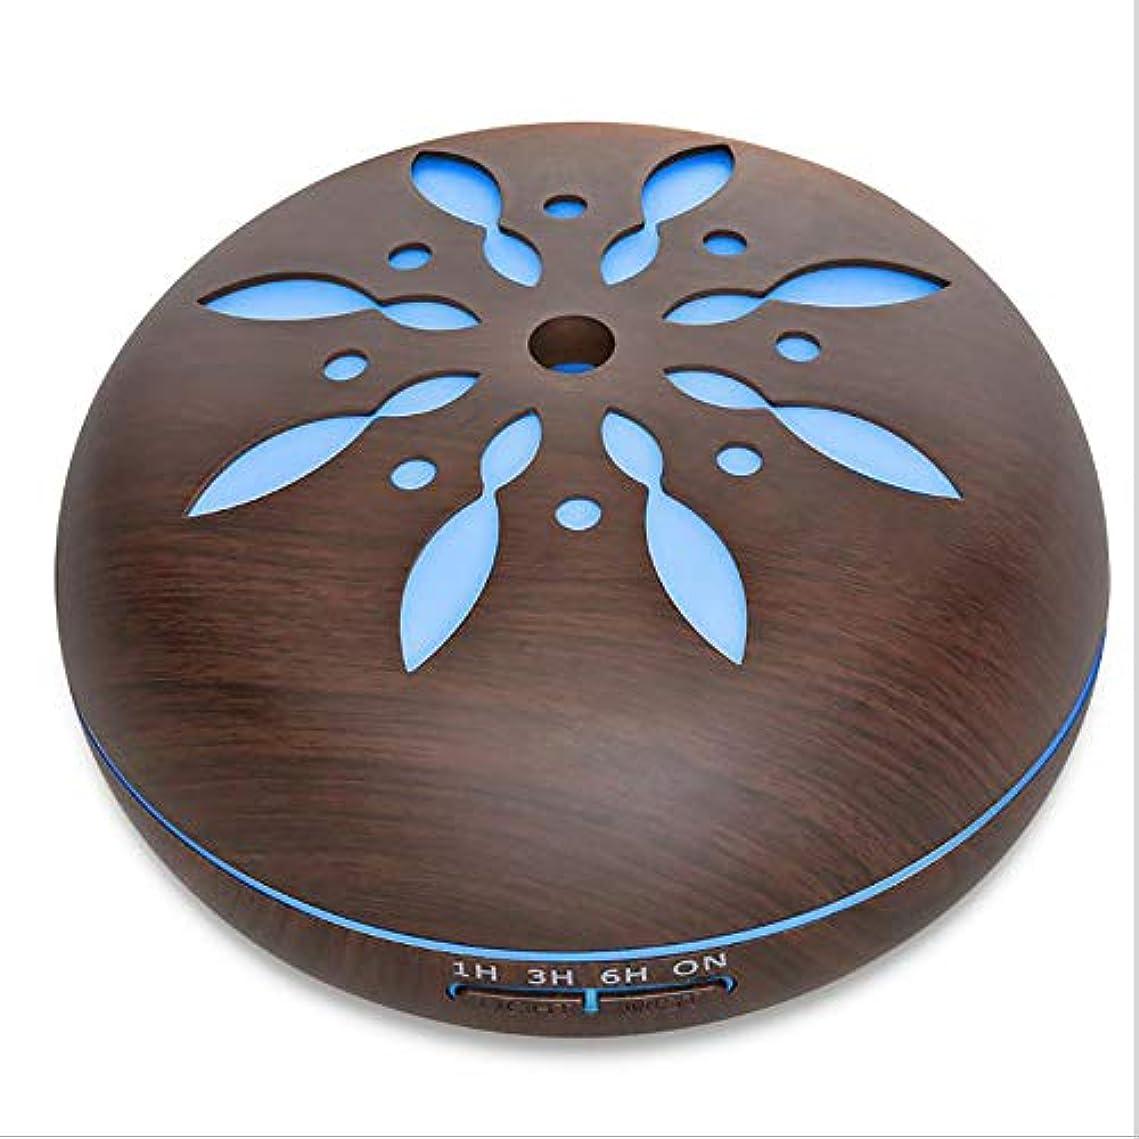 ホテル通路なぜならミスト 超音波 香り ネブライザー、 電気の 香り 木製 ホーム 空気 加湿器、 550ml リモコン 木地 アロマテラピー エッセンシャルオイル 香り ディフューザー,Petals1dark